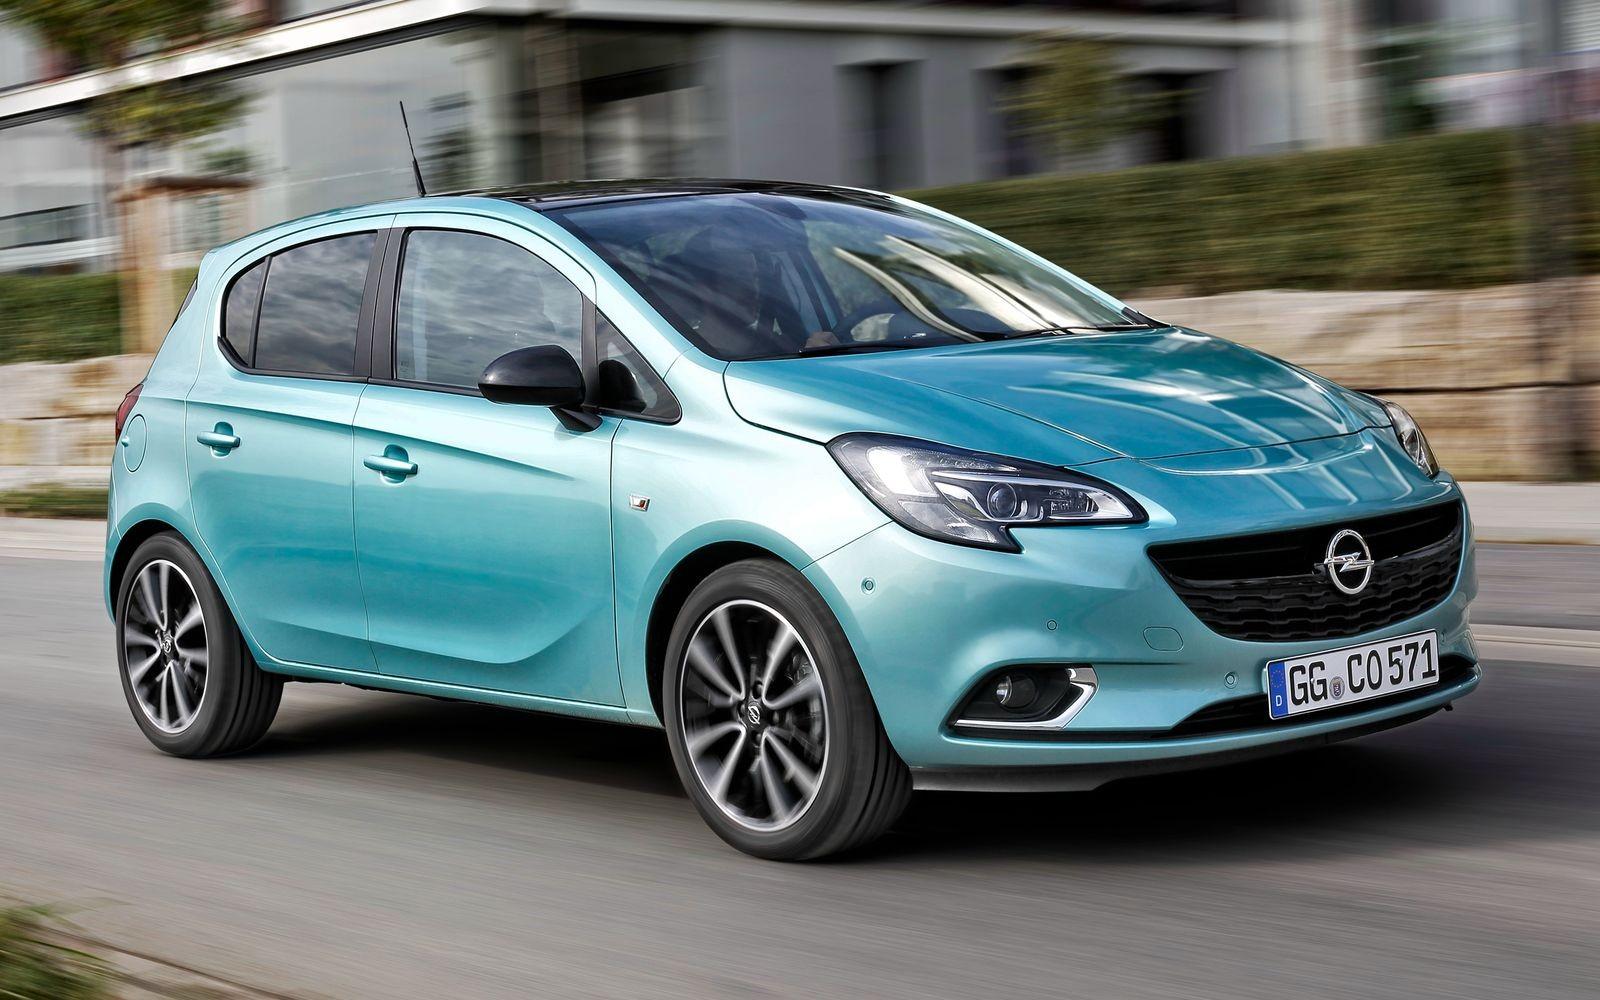 Полностью новая Corsa появится в следующем году, а в 2020-м обзаведется электрической версией.